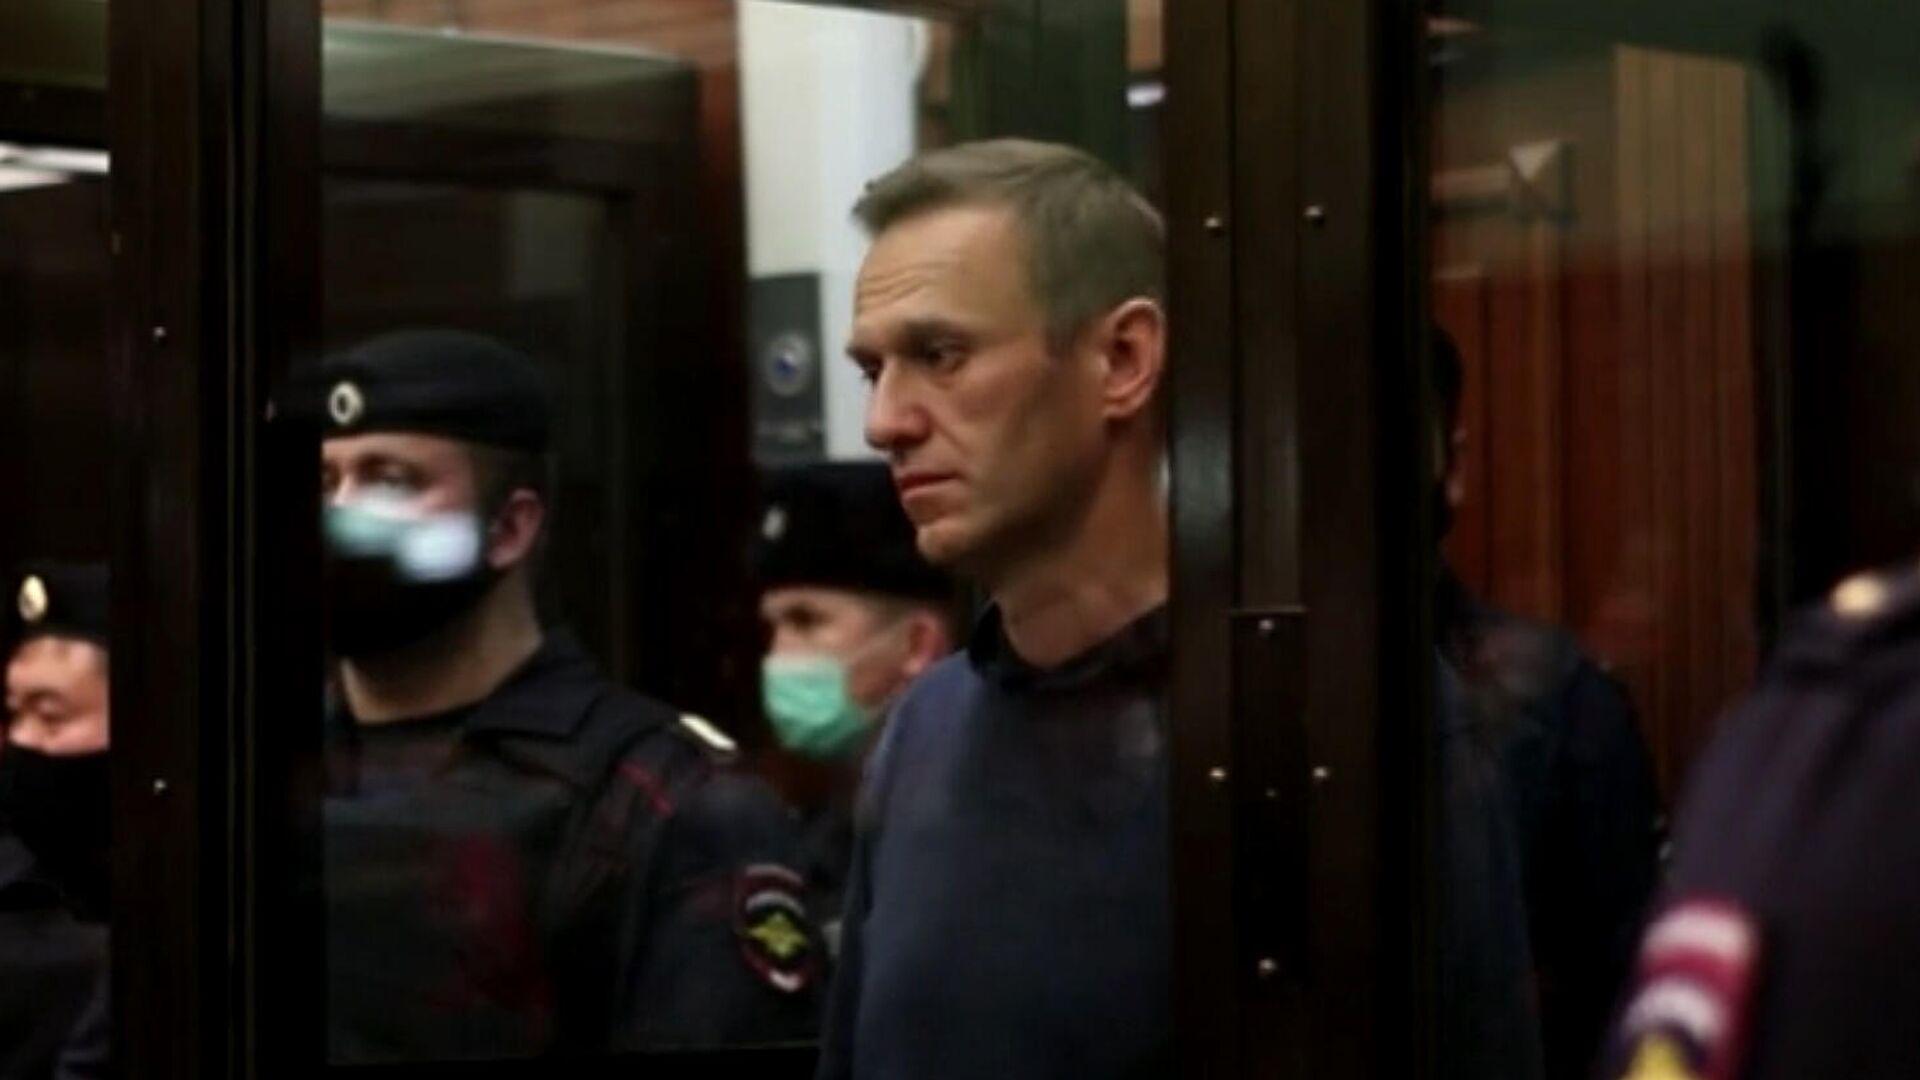 Оглашение приговора Алексею Навальному в Московском городском суде. Кадр видео - РИА Новости, 1920, 03.02.2021